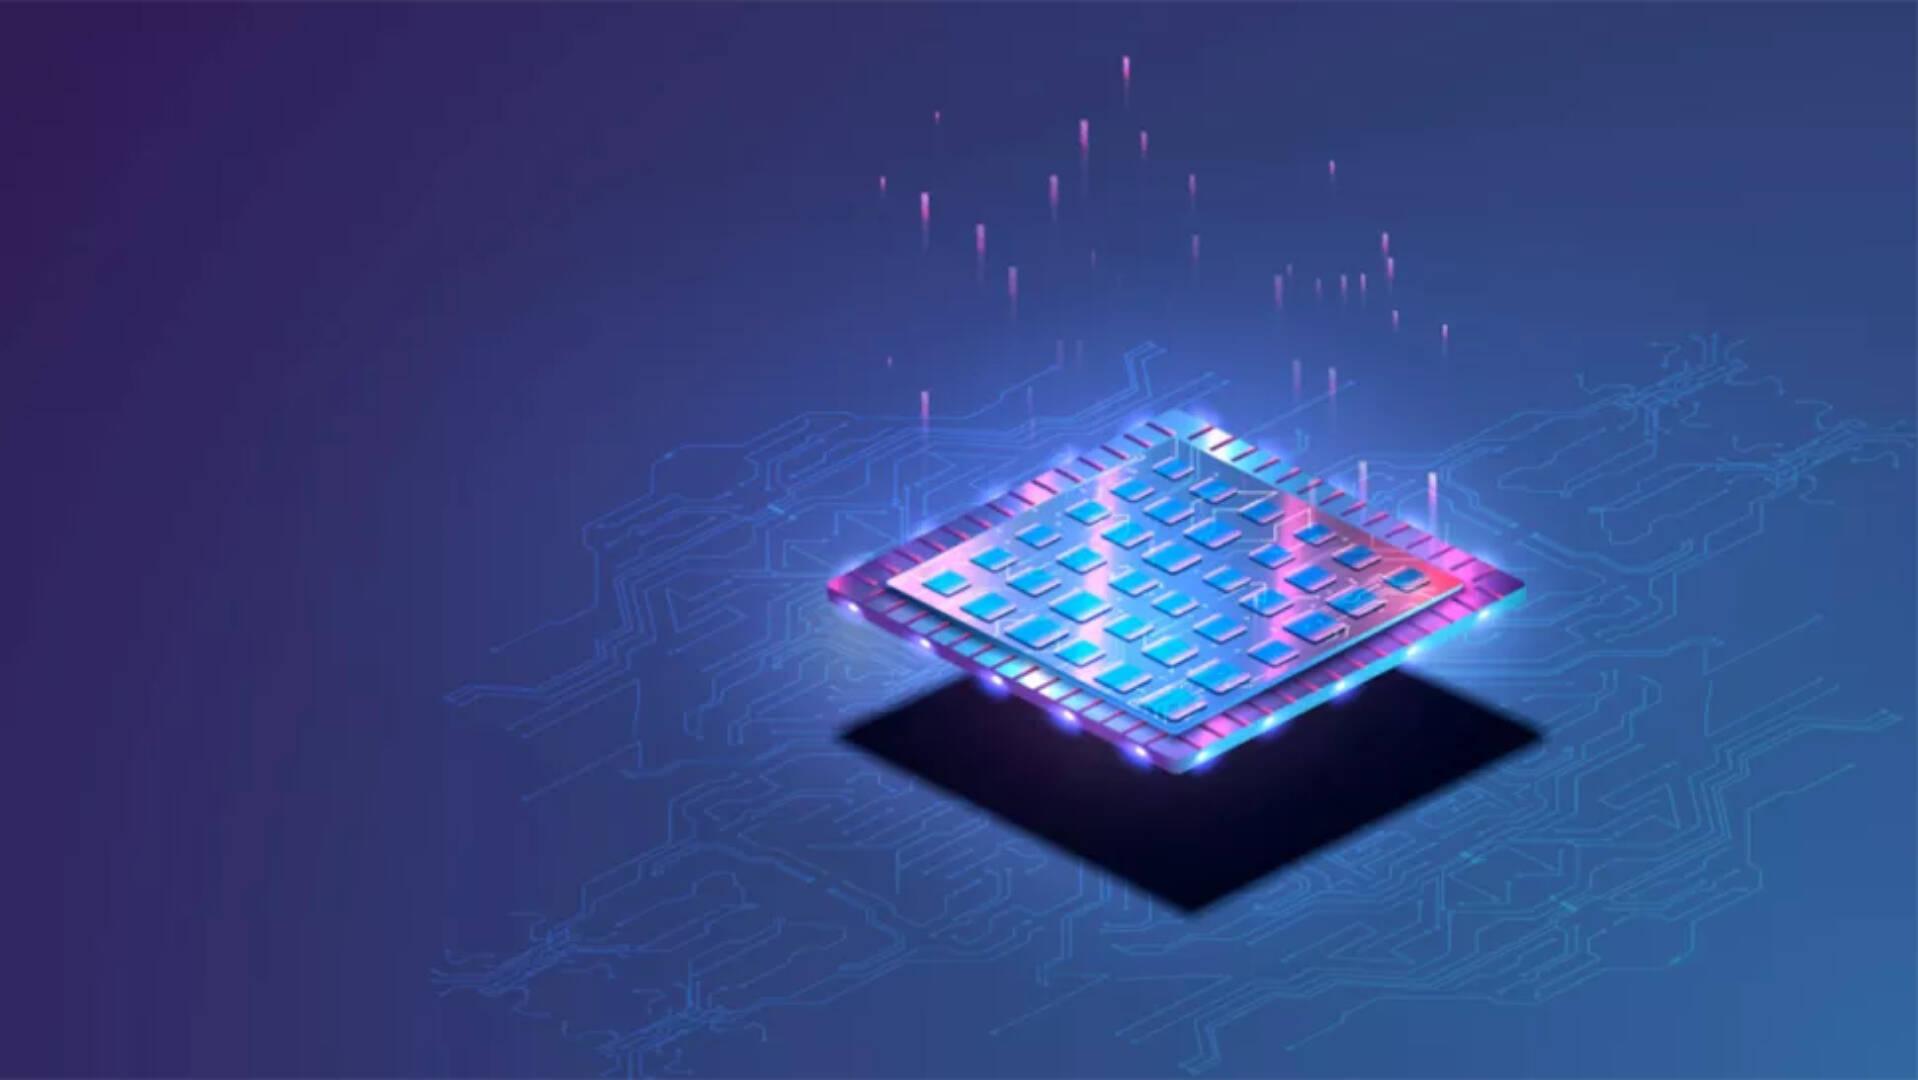 SiFive RISC-V